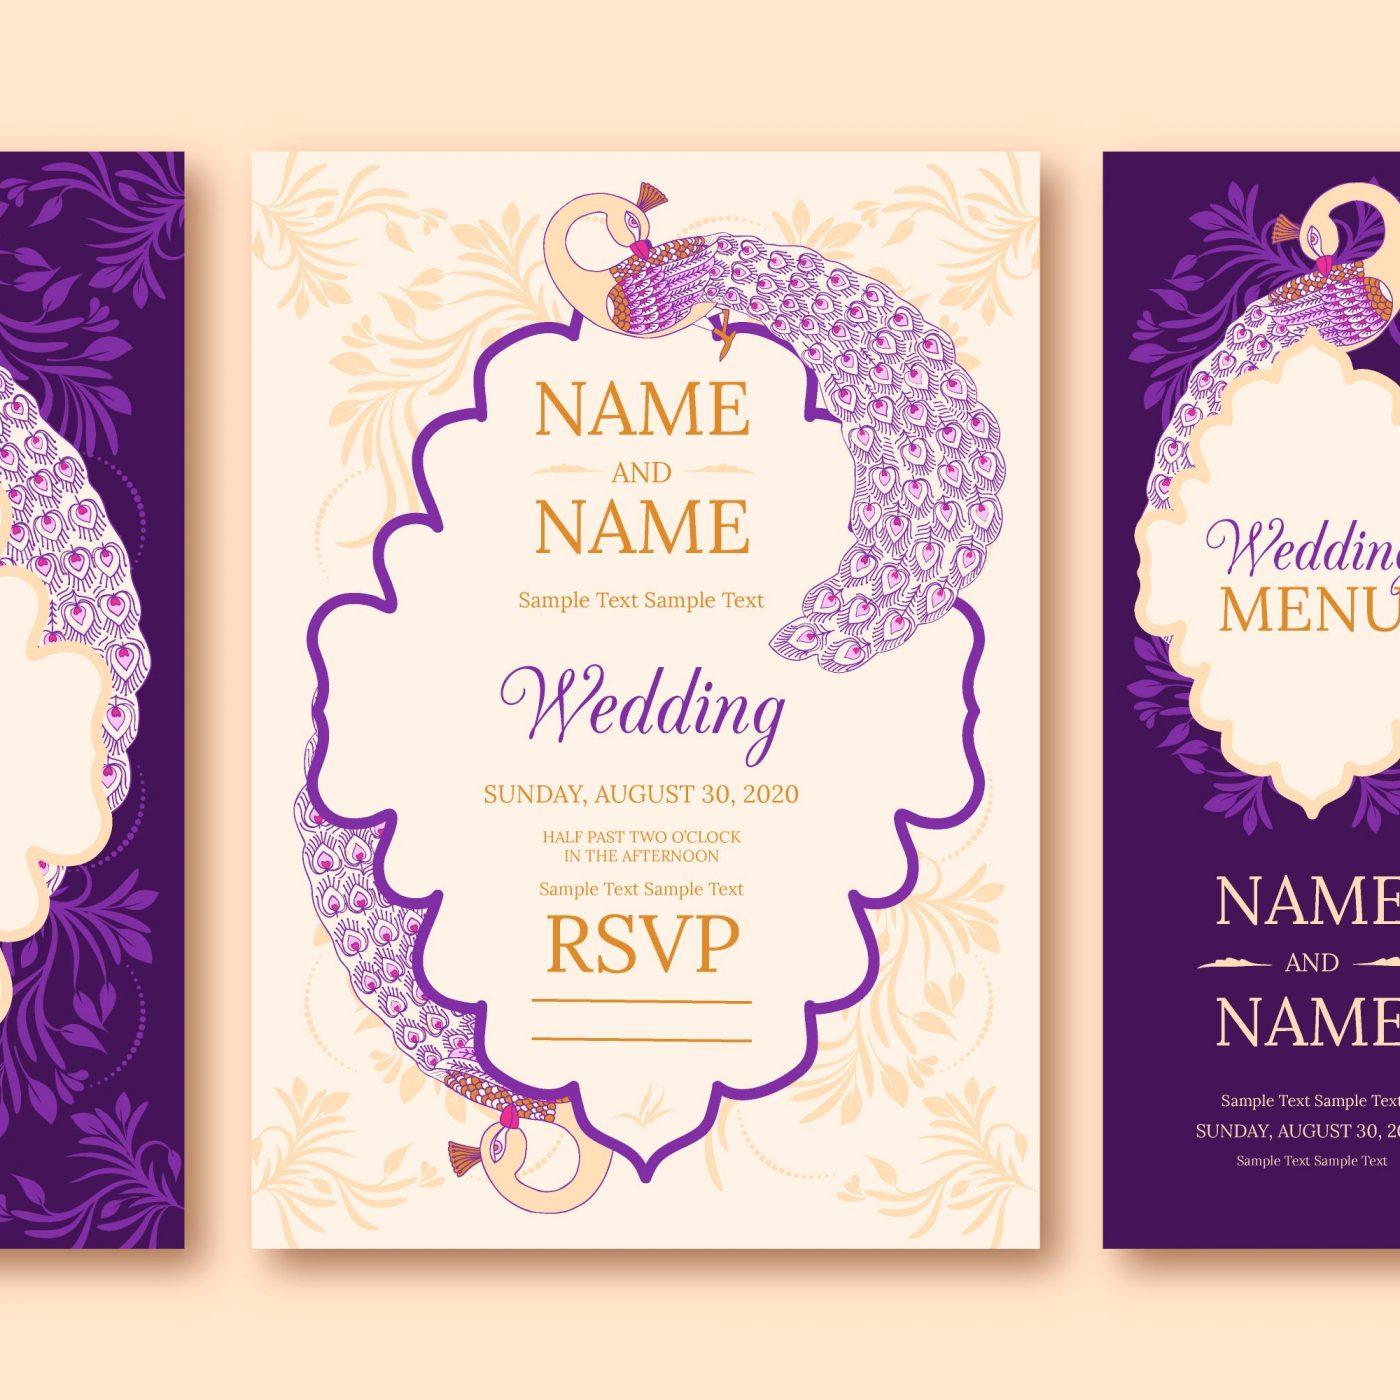 دانلود فایل لایه باز کارت عروسی